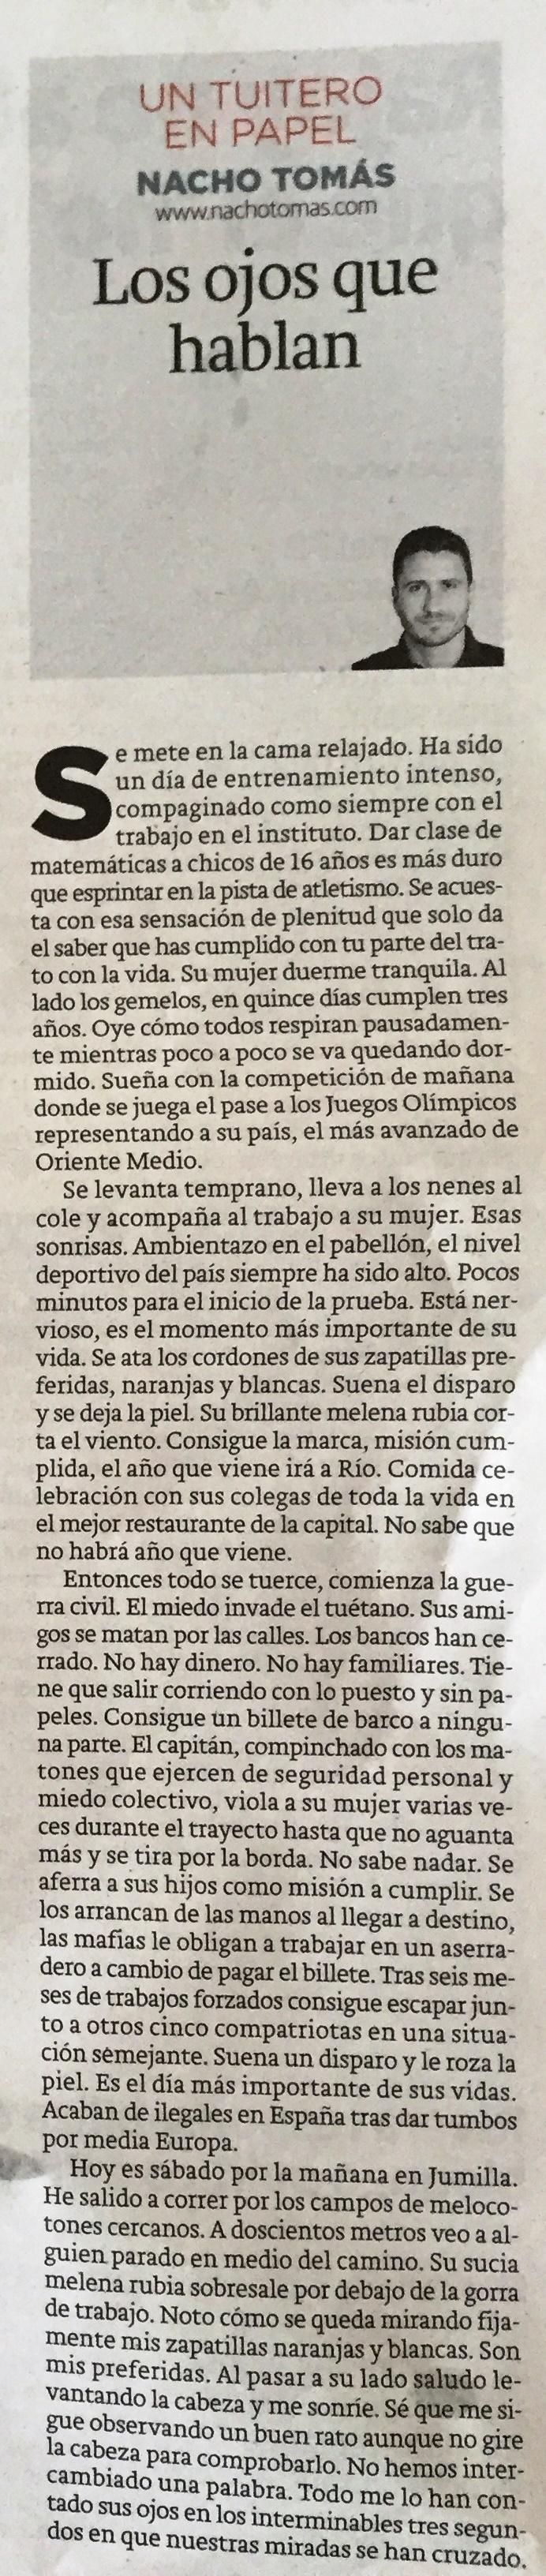 03.08.16 Los ojos que hablan - Nacho Tomás - Un tuitero en papel - La Verdad de Murcia